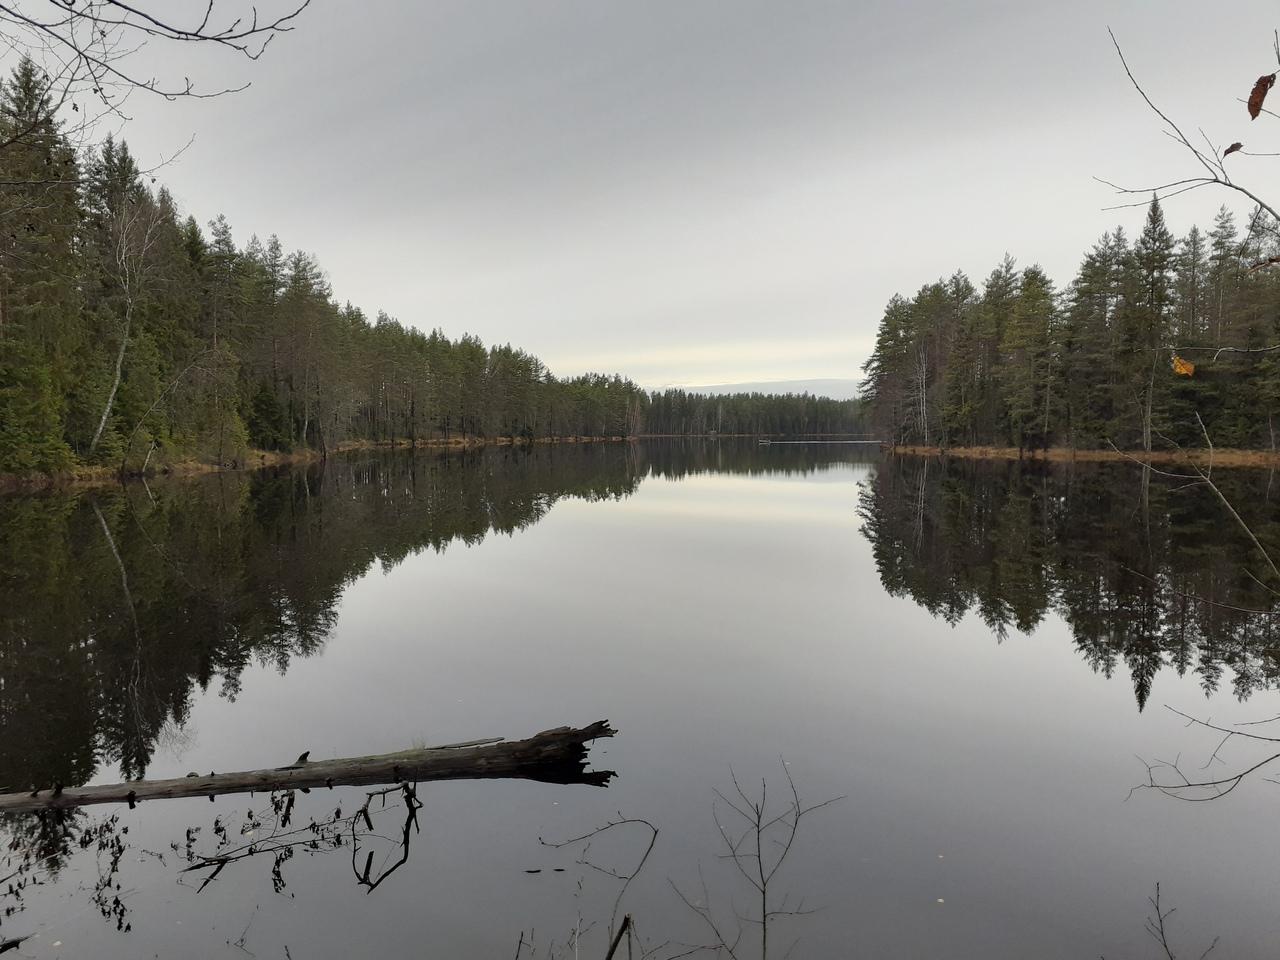 Поход по Карельскому перешейку. Красивые лесные озера возле поселка Рощино